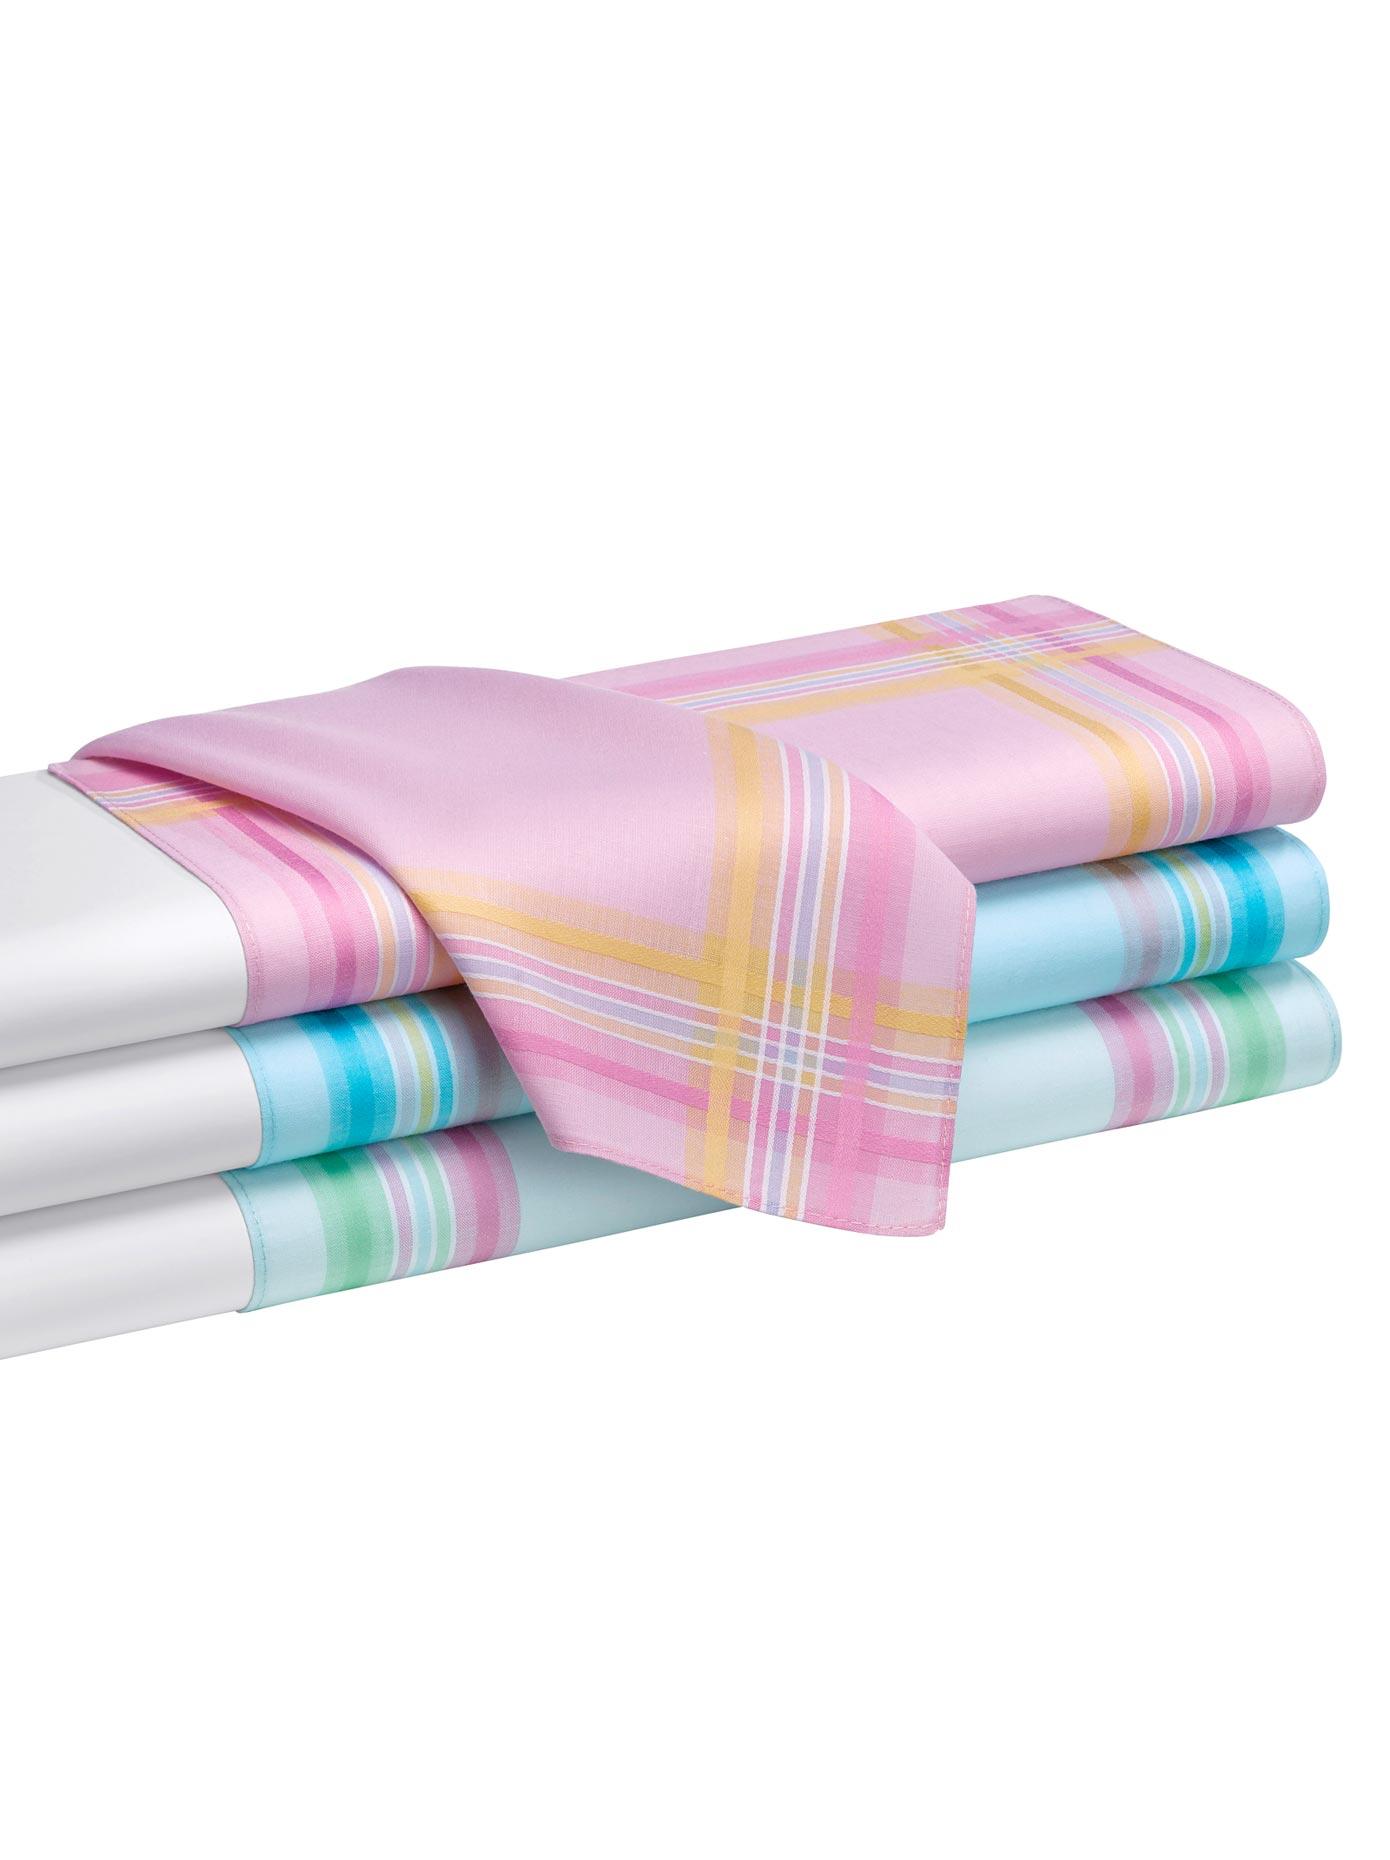 Taschentücher | Accessoires > Schals & Tücher > Tücher